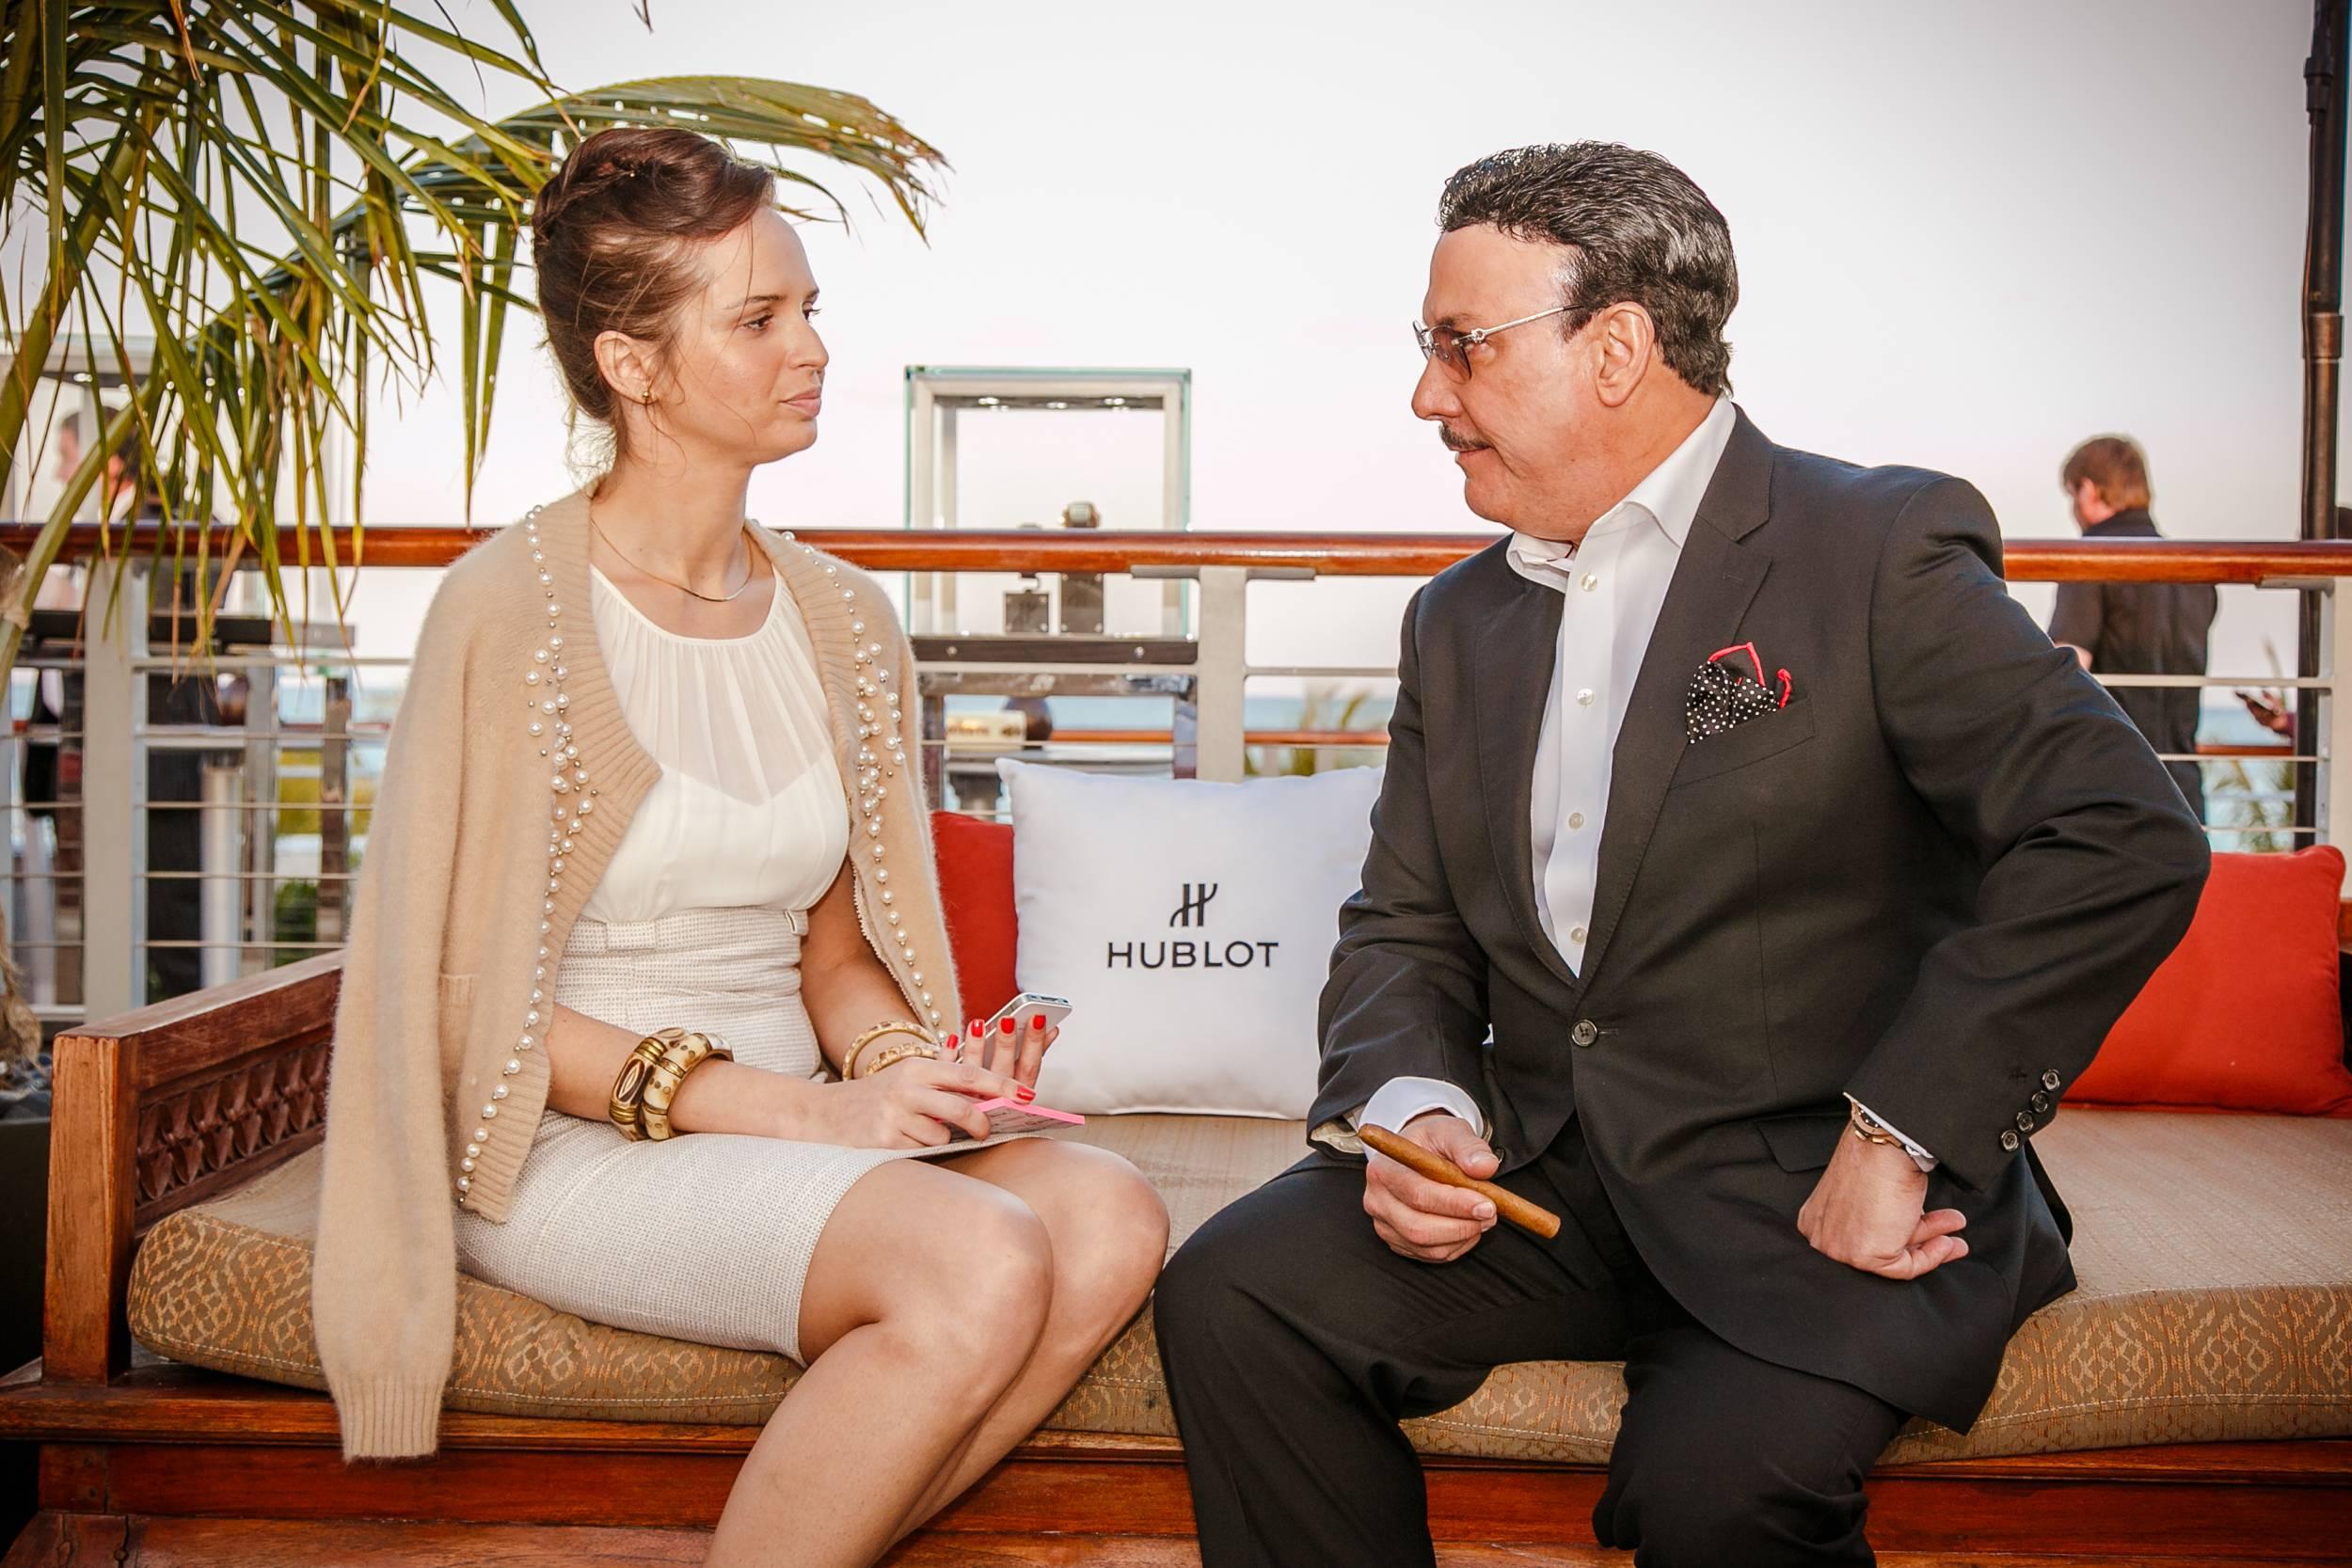 Mr. Carlito Fuente - President of Arturo Fuente